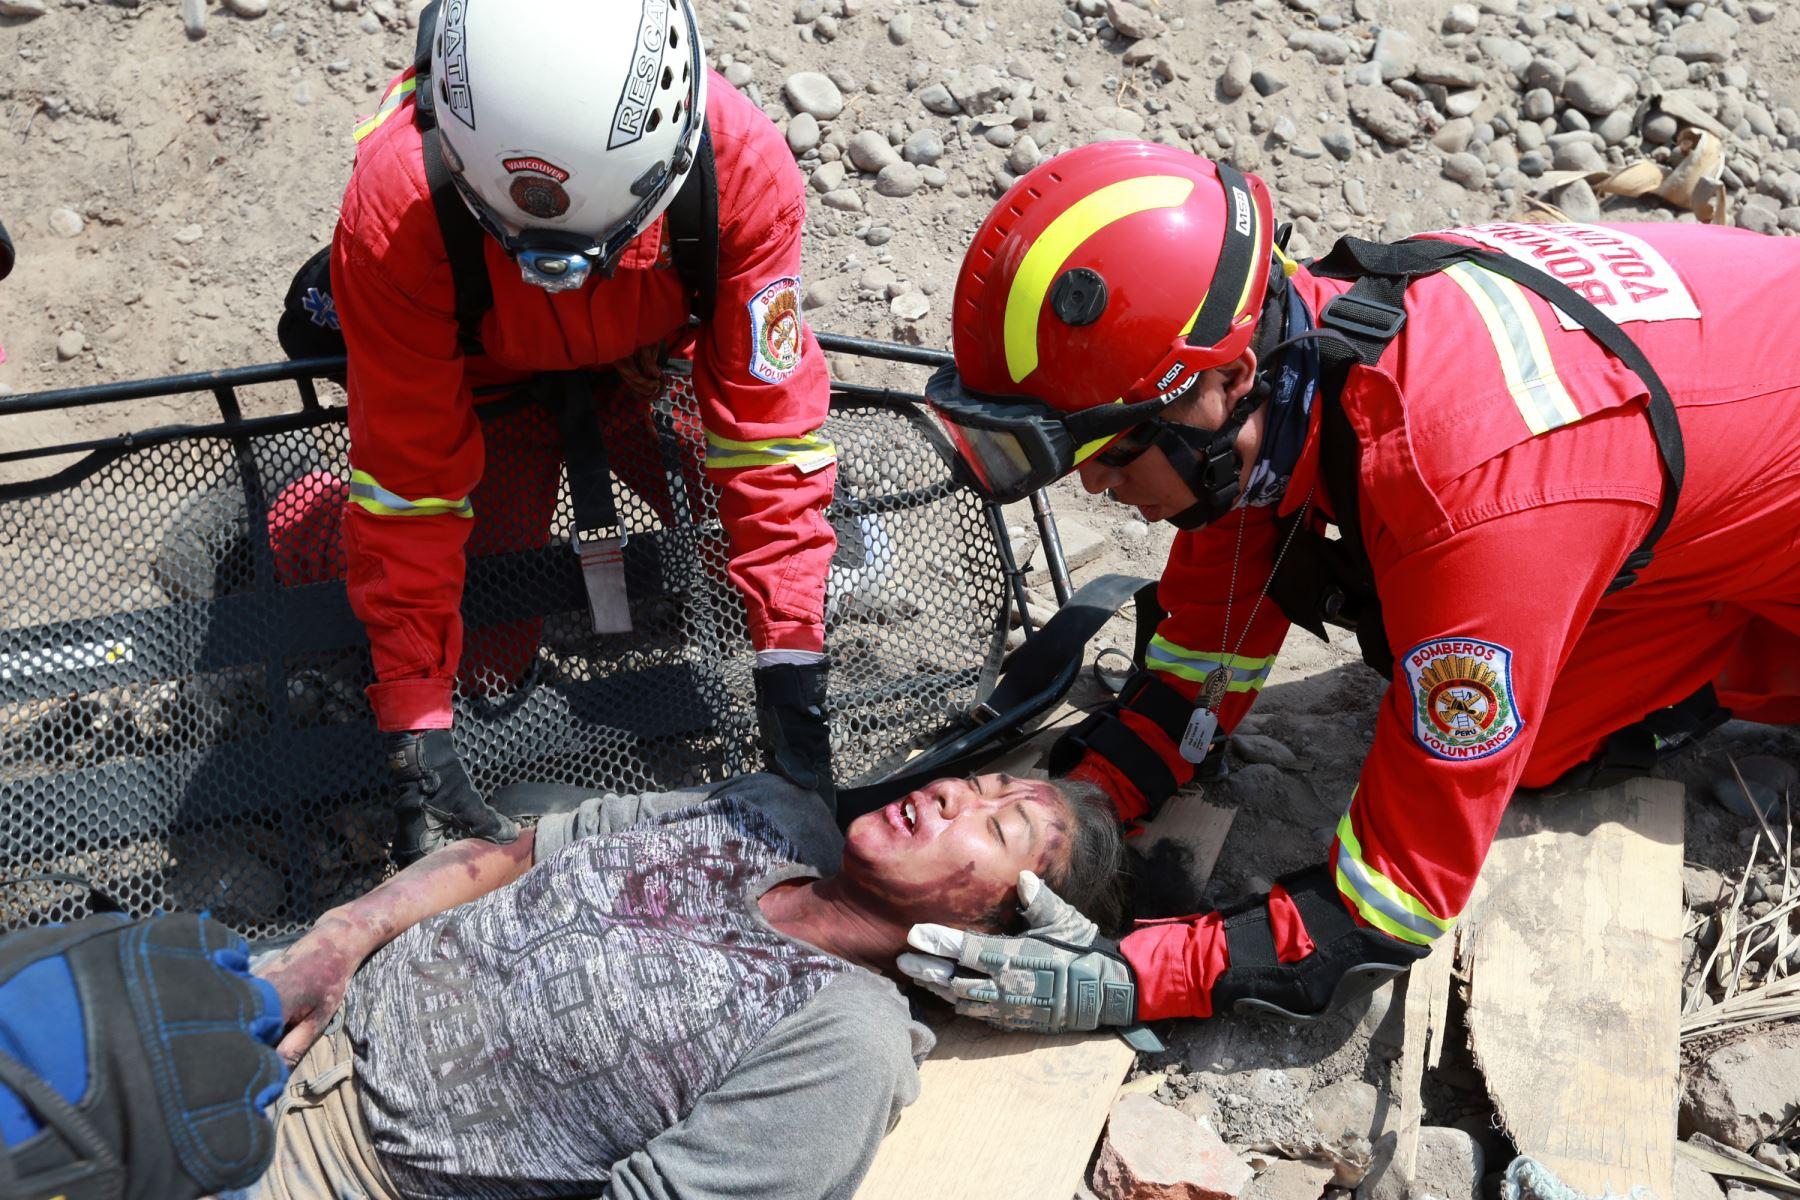 Bomberos prestan ayuda a heridos durante , la Ppesentación de la 1ª Brigada Multipropósito Mariscal del Perú Eloy Gaspar Ureta Montehermoso del Ejército del Perú. Foto: ANDINA/Norman Córdova